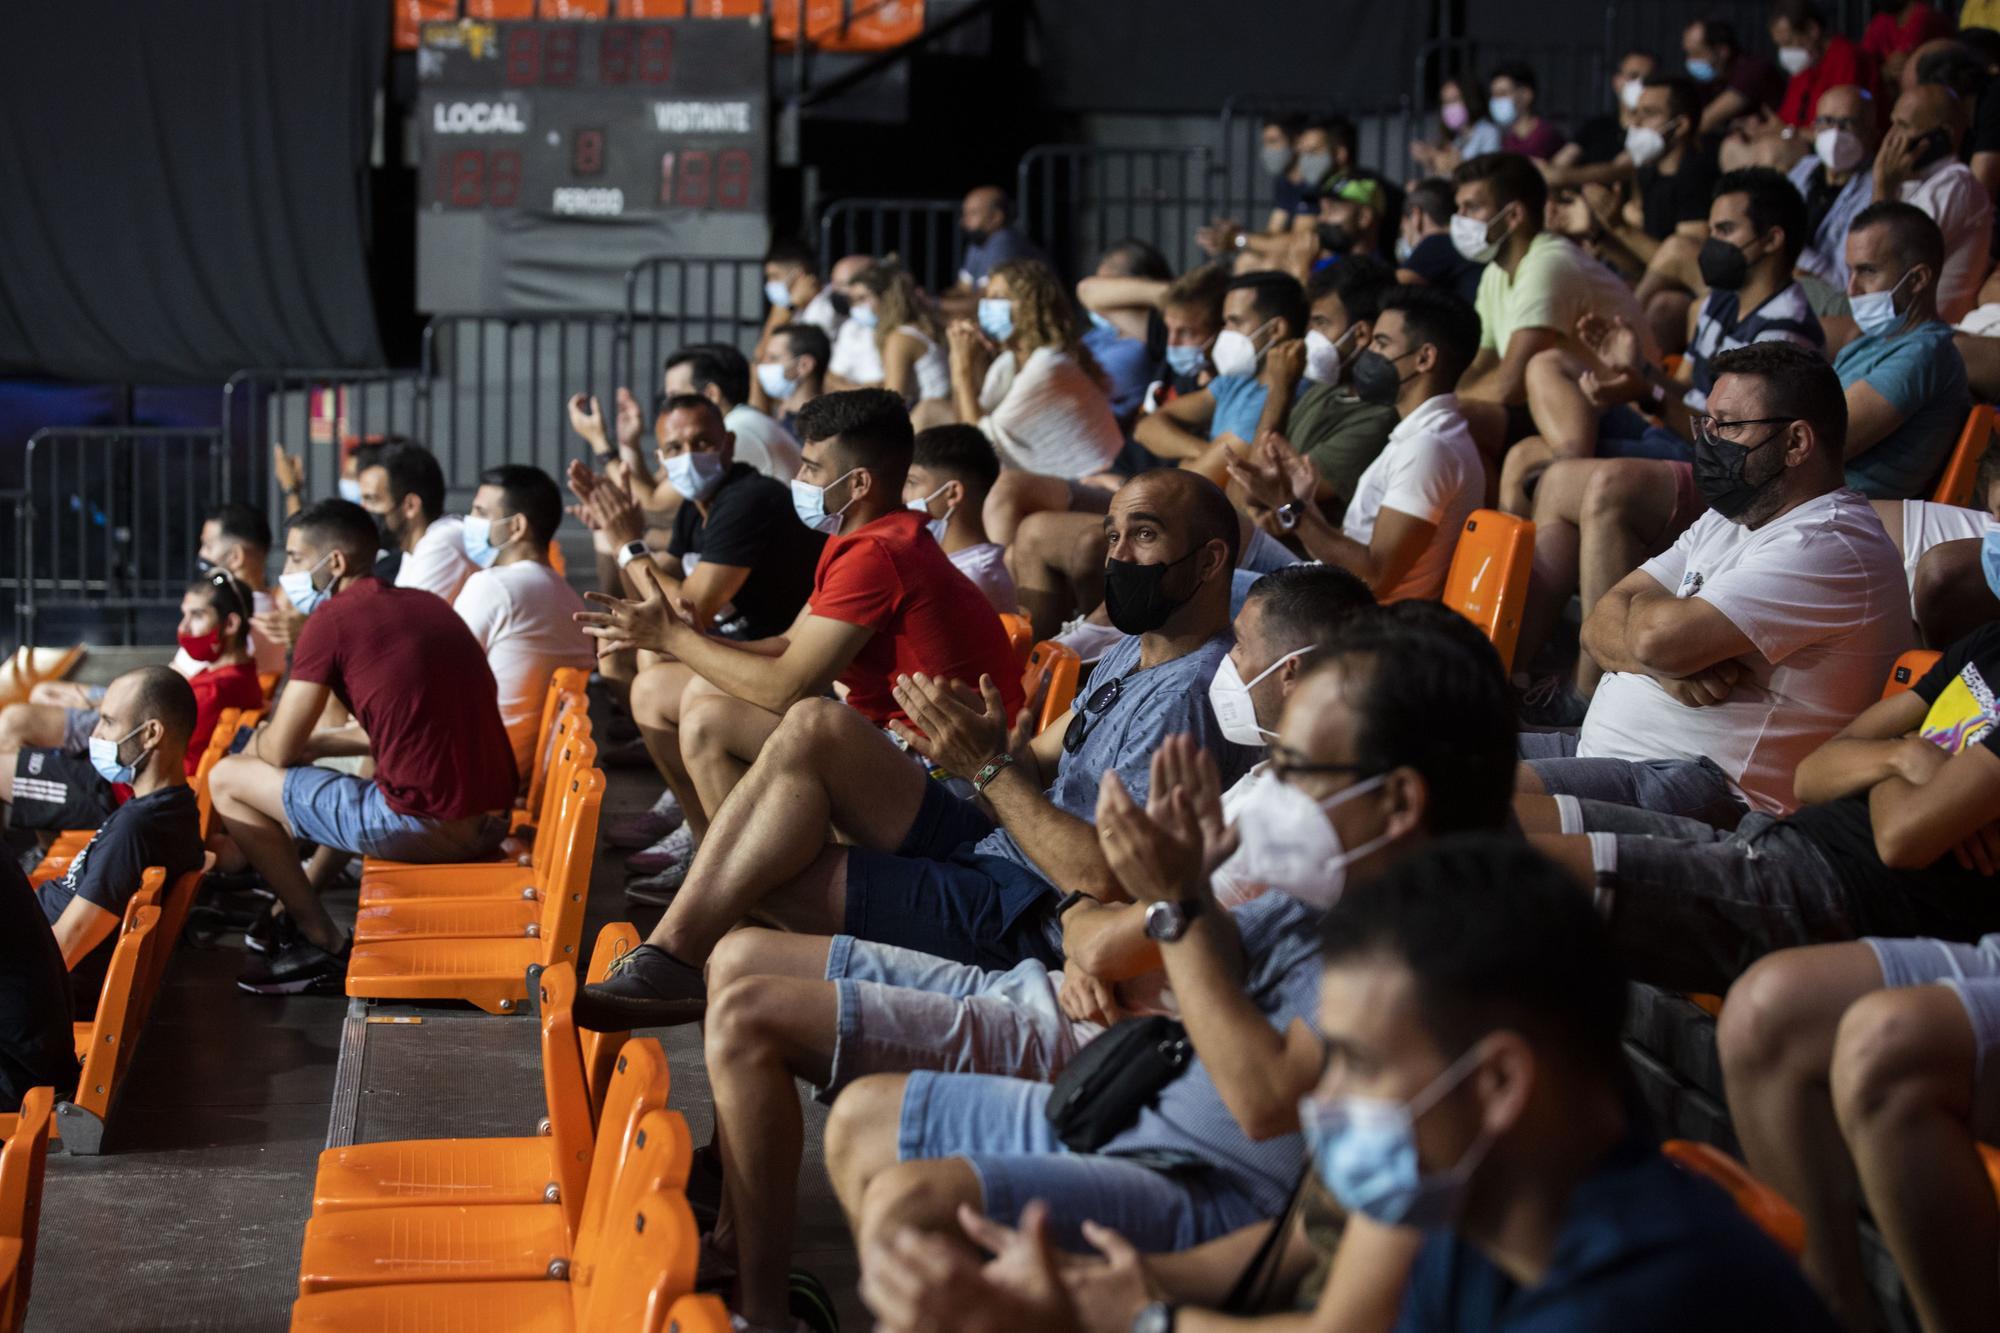 Cuartos de final del Estrella Damm Valencia Open 2021 en el World Padel Tour